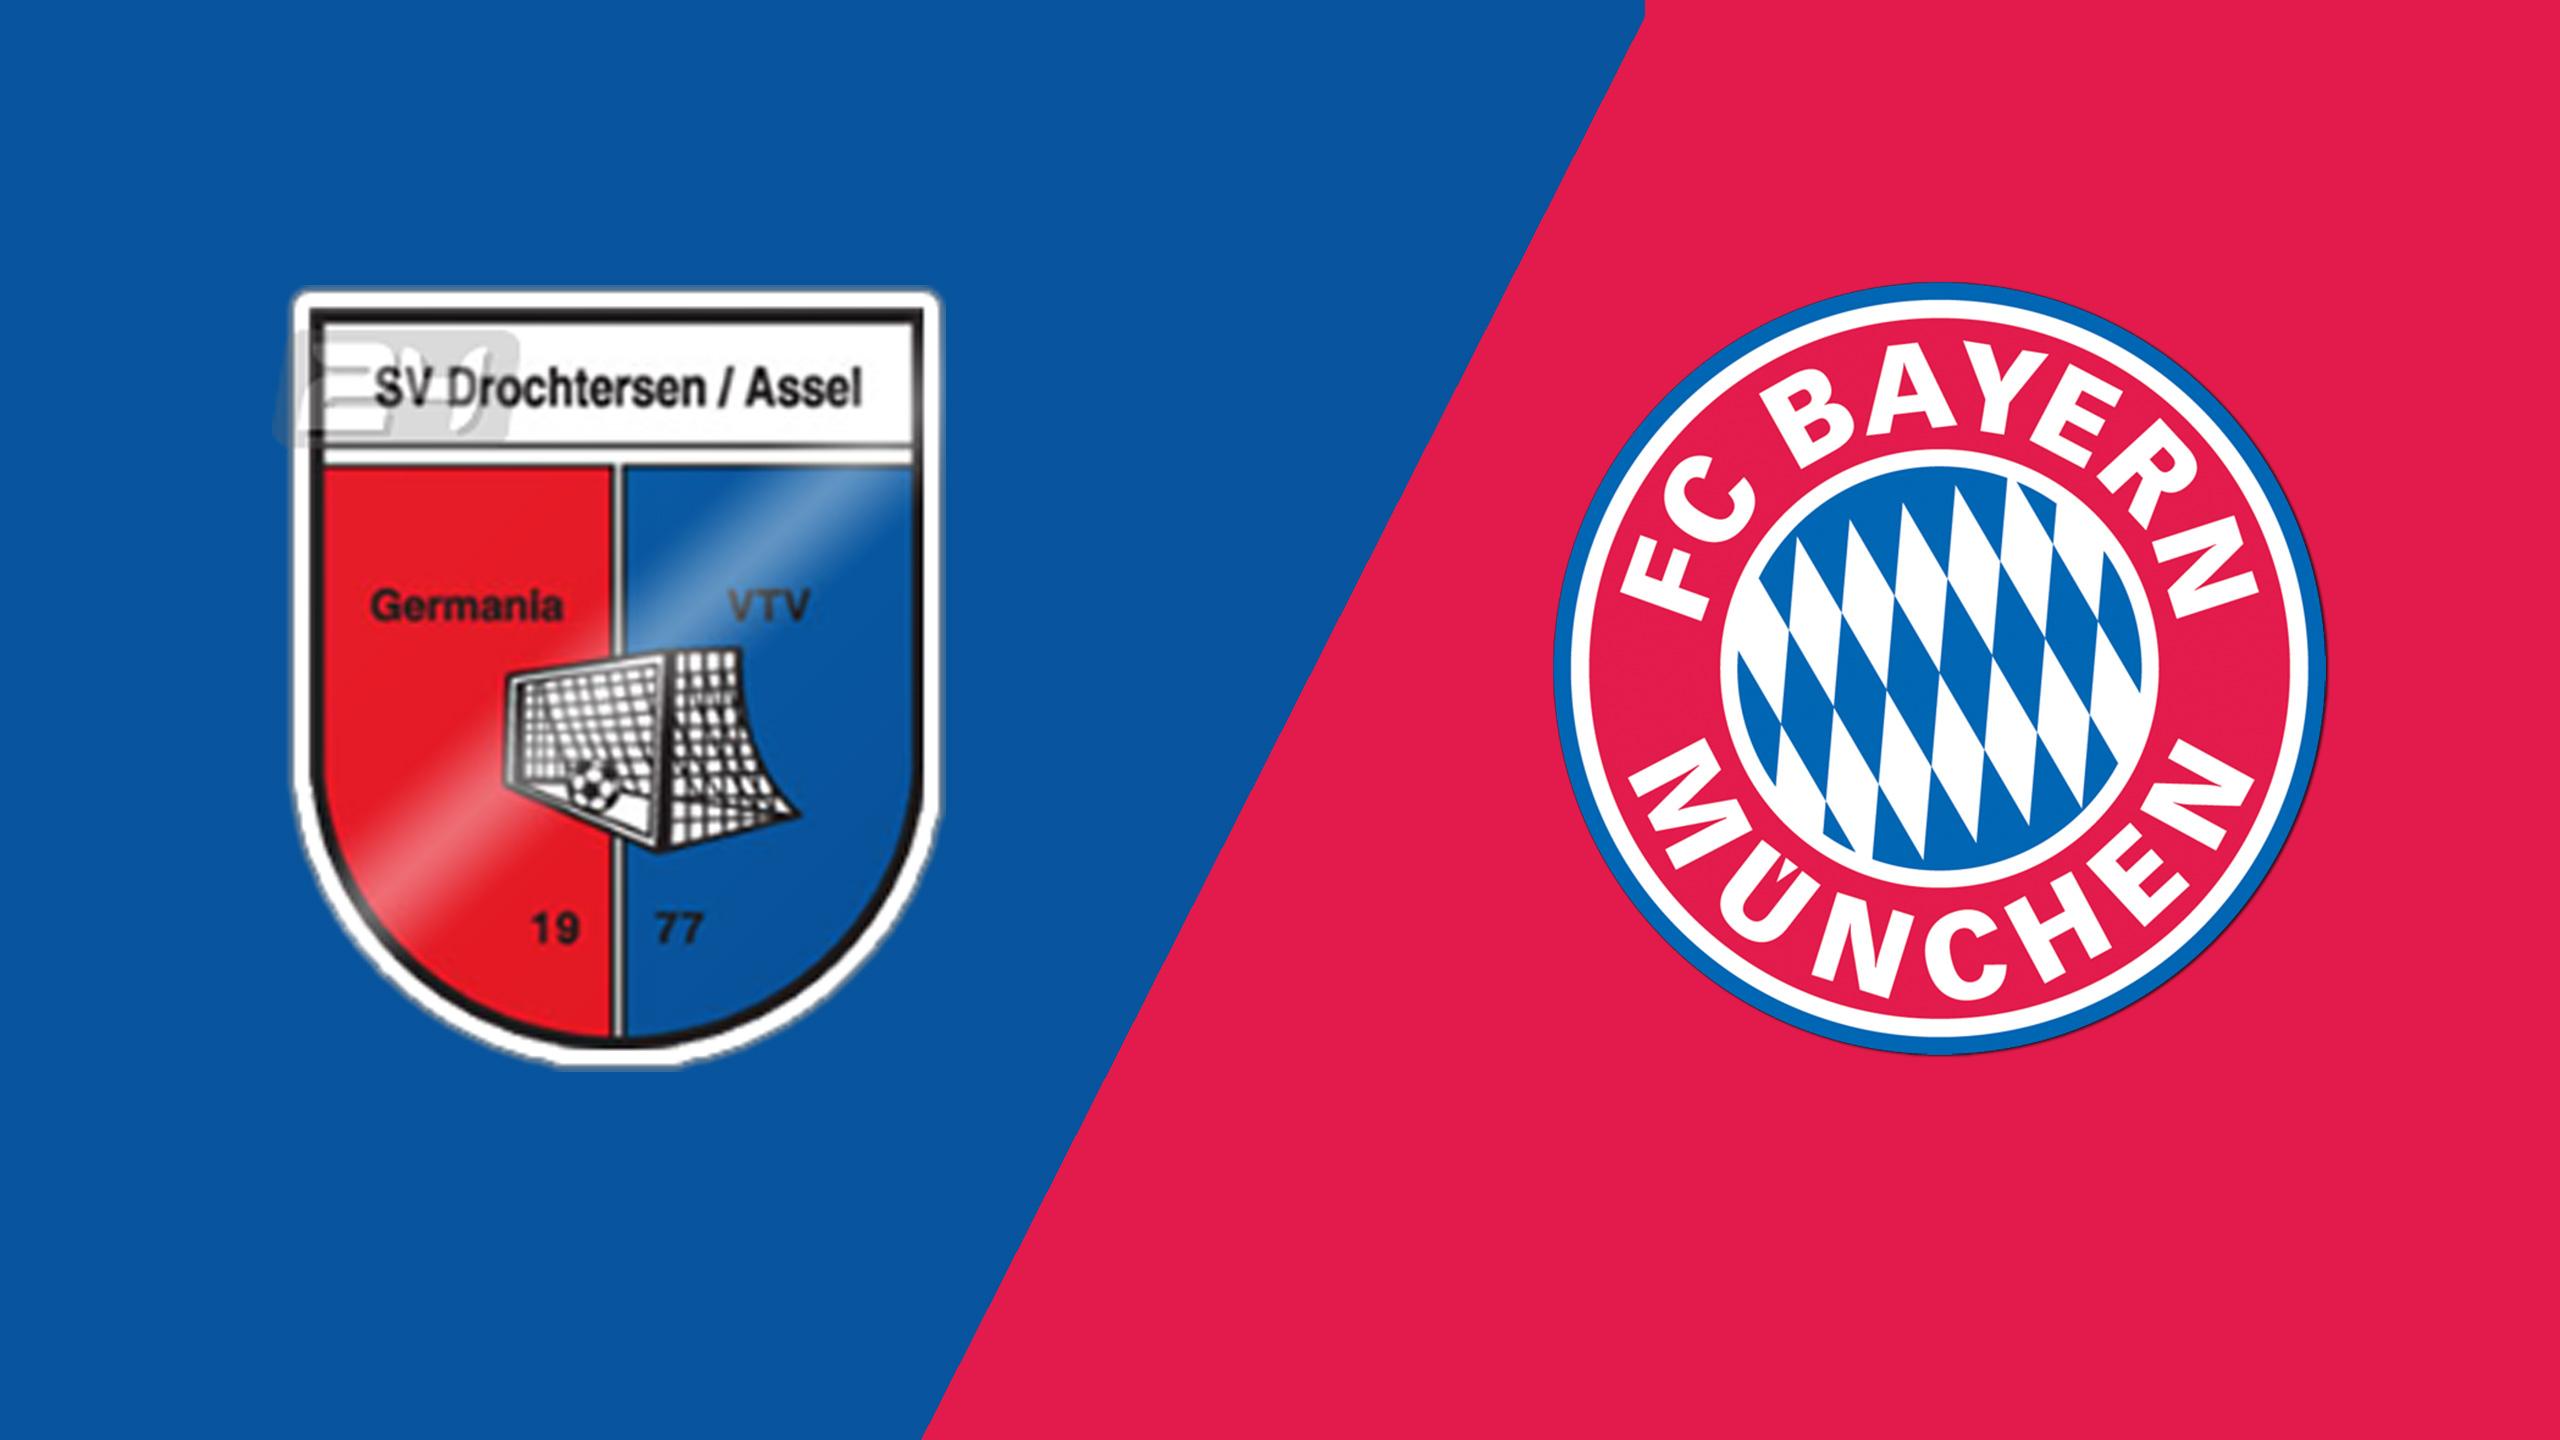 In Spanish - Drochtersen/Assel vs. Bayern Munich (Round 1) (German Cup)